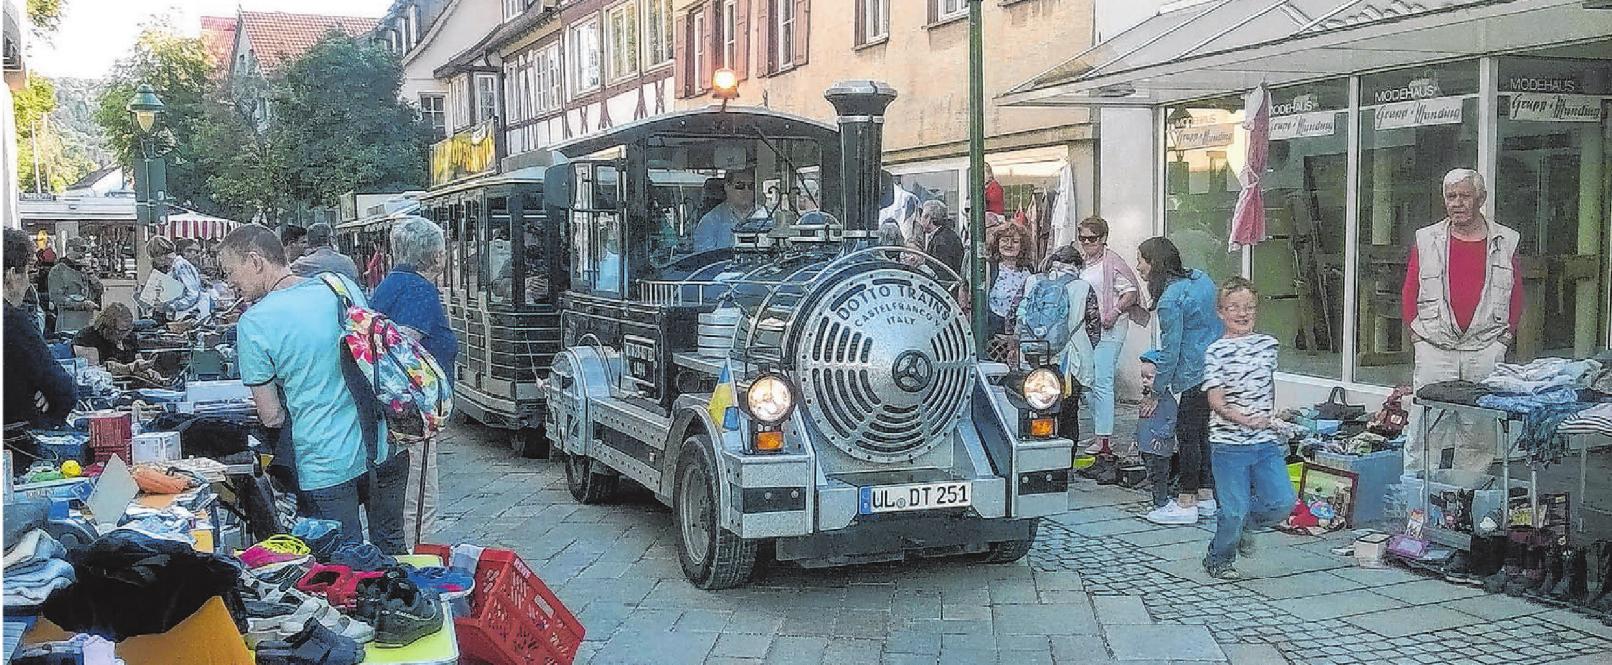 """Heute finden die Aktionen """"Blaubeuren schiebt den Feierabend"""" und das """"Bissfest"""" gemeinsam statt. Archivfoto: Menner"""